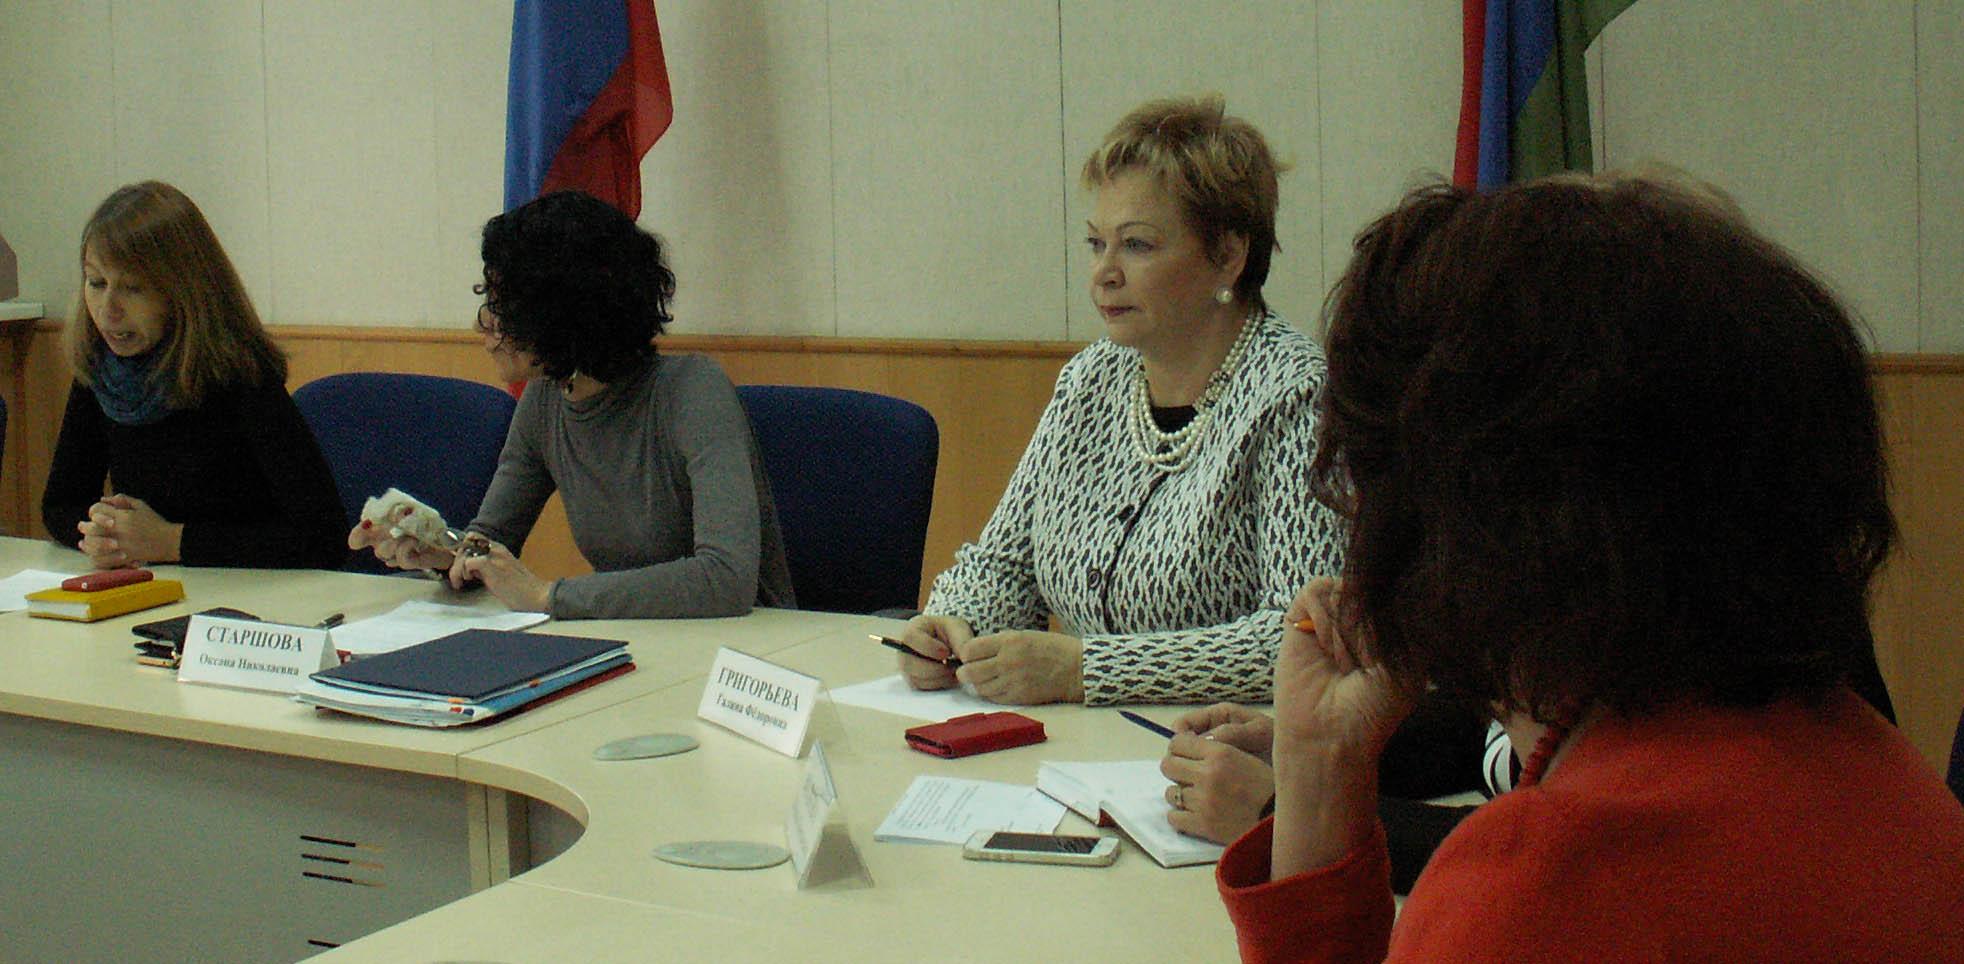 Оксане Старшовой пришлось выслушать от общественников немало неприятных слов. Фото: Татьяна Смирнова